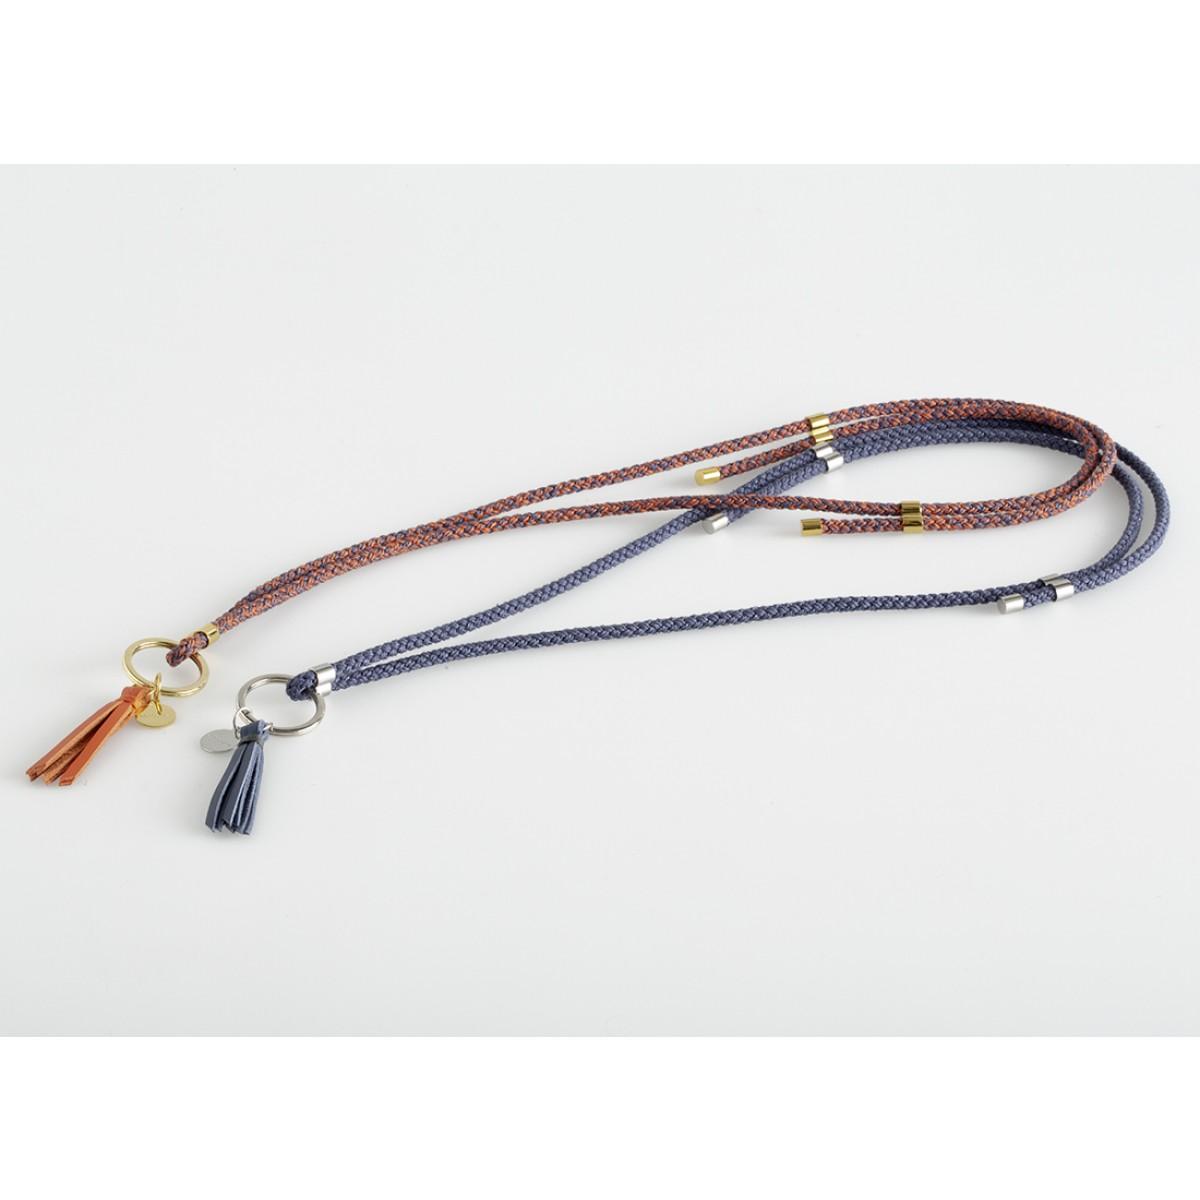 Schlüsselanhänger zum umhängen mit Lederquaste – Mélange, ultramarine/koralle